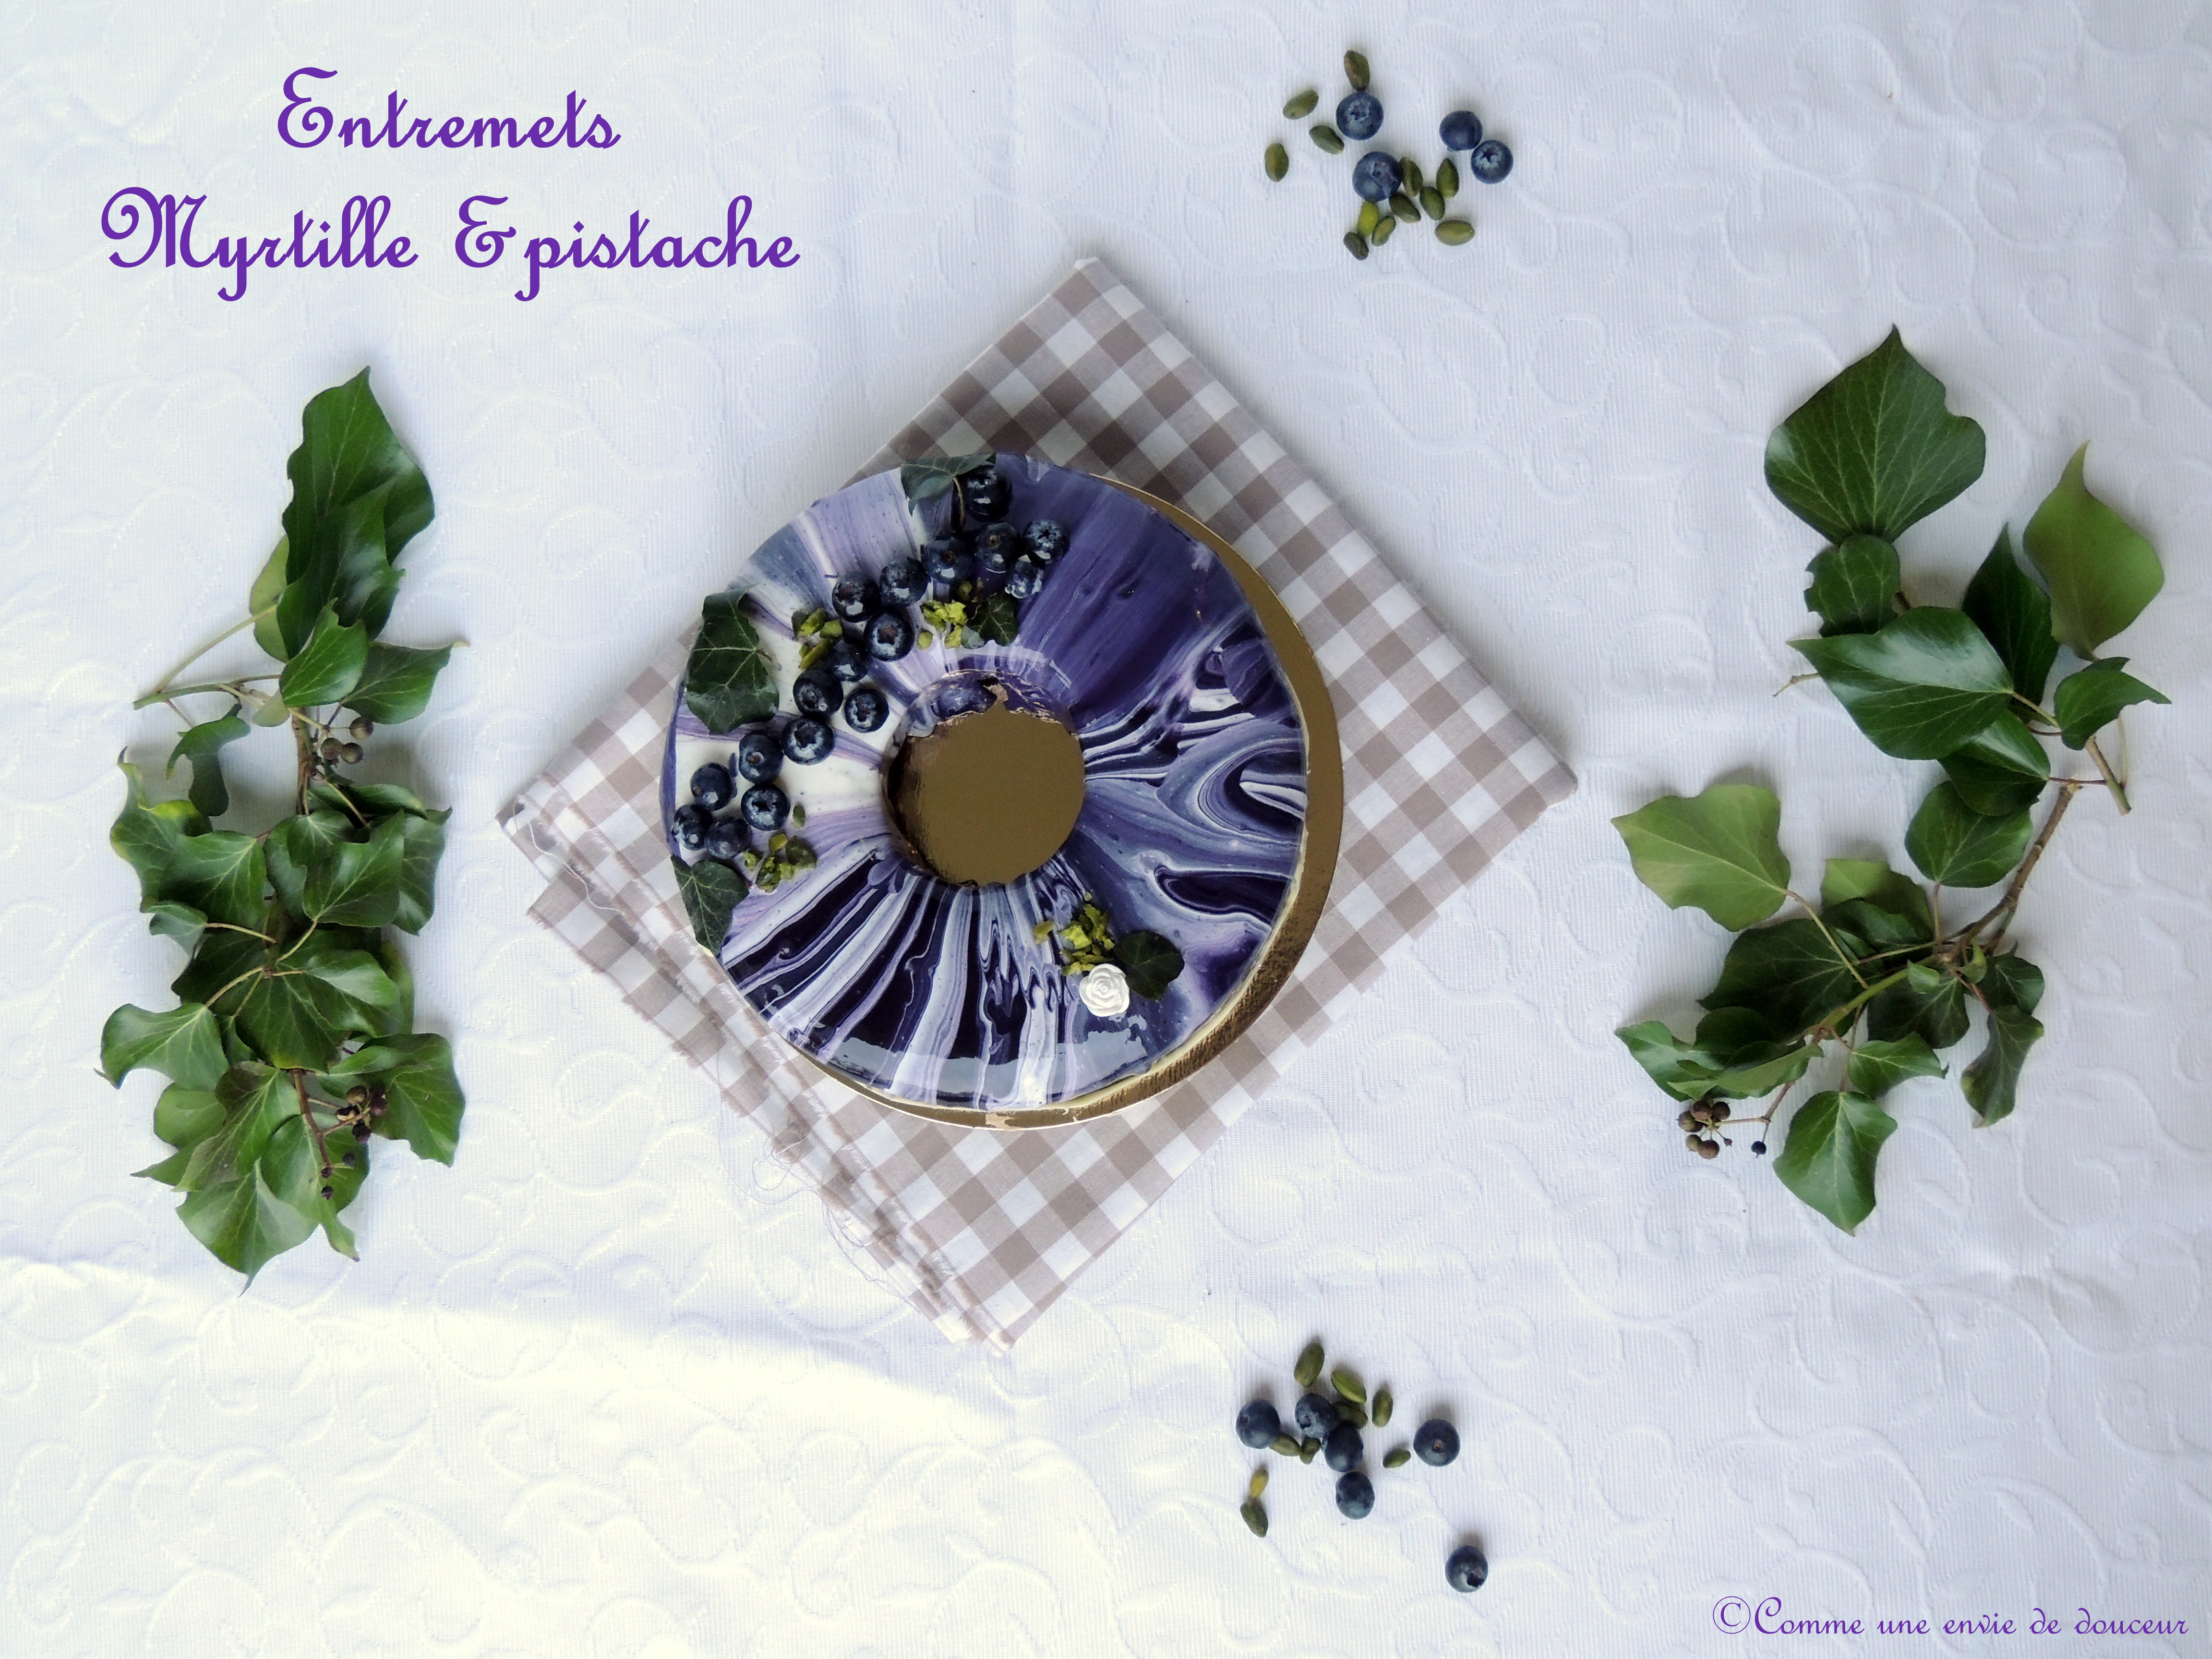 Entremets myrtille & pistache – Blueberry & pistachio dessert